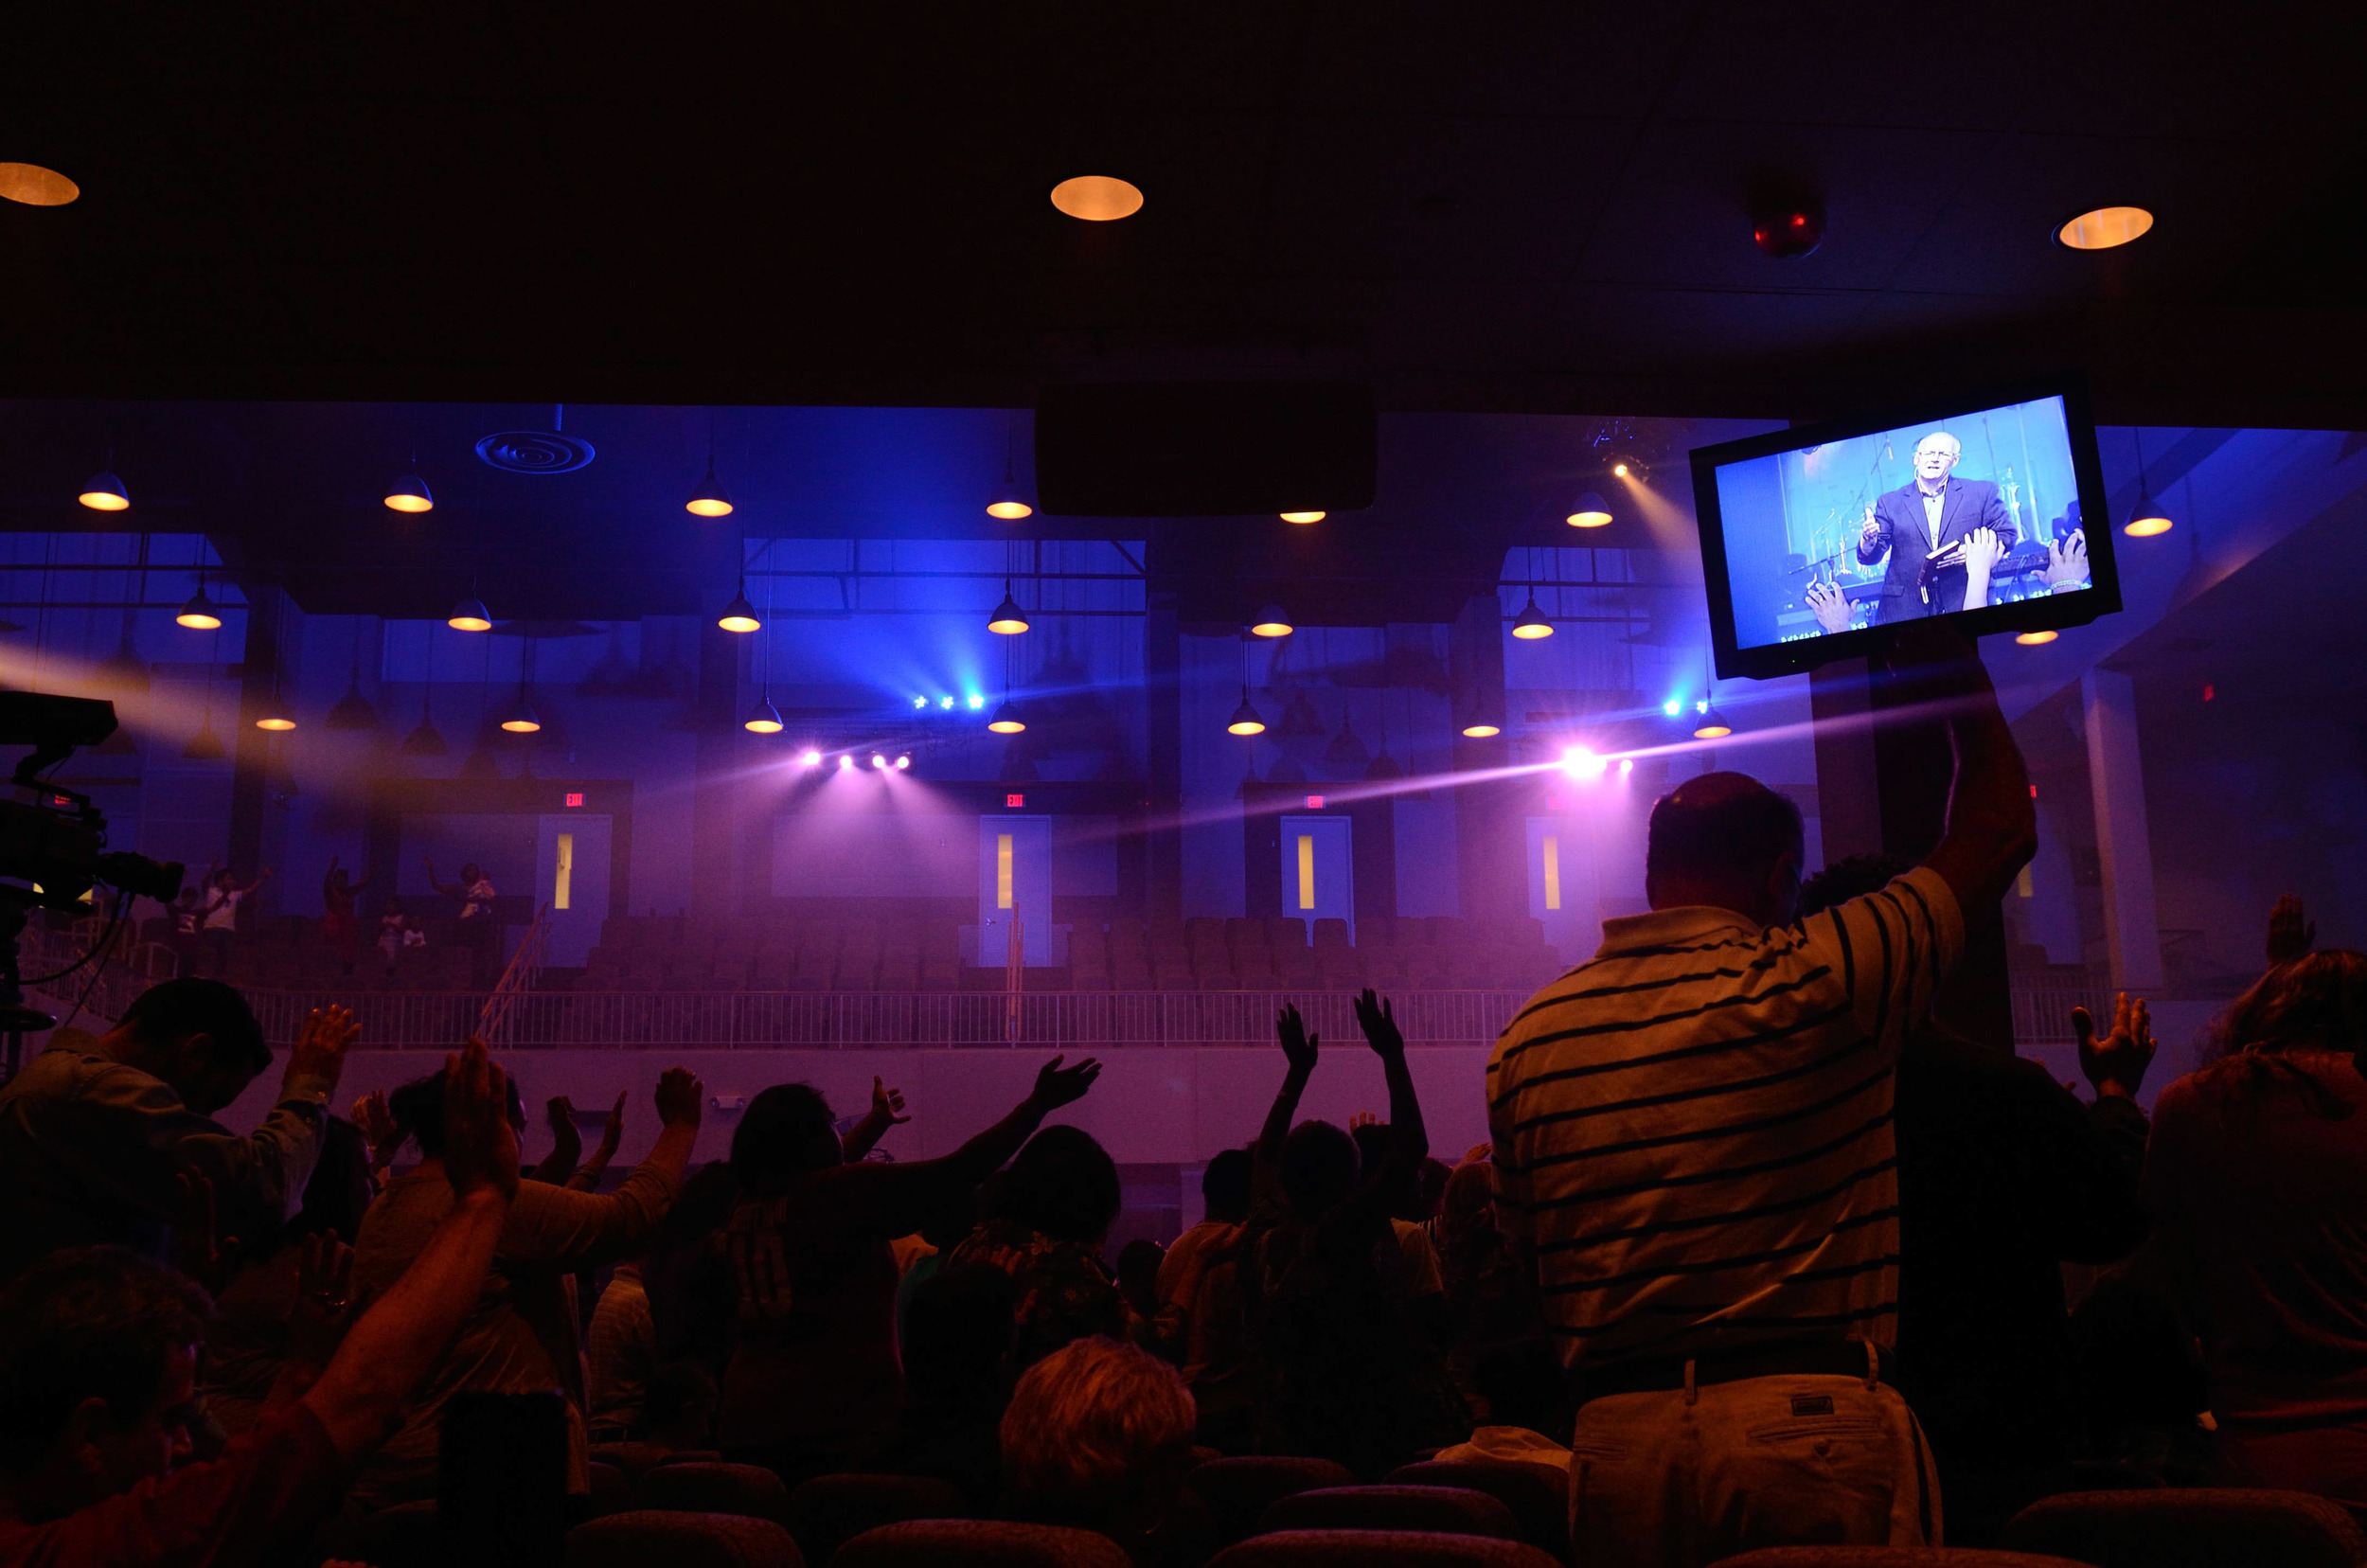 COR_Gaithersburg_Campus_Worship_Center_02.jpg